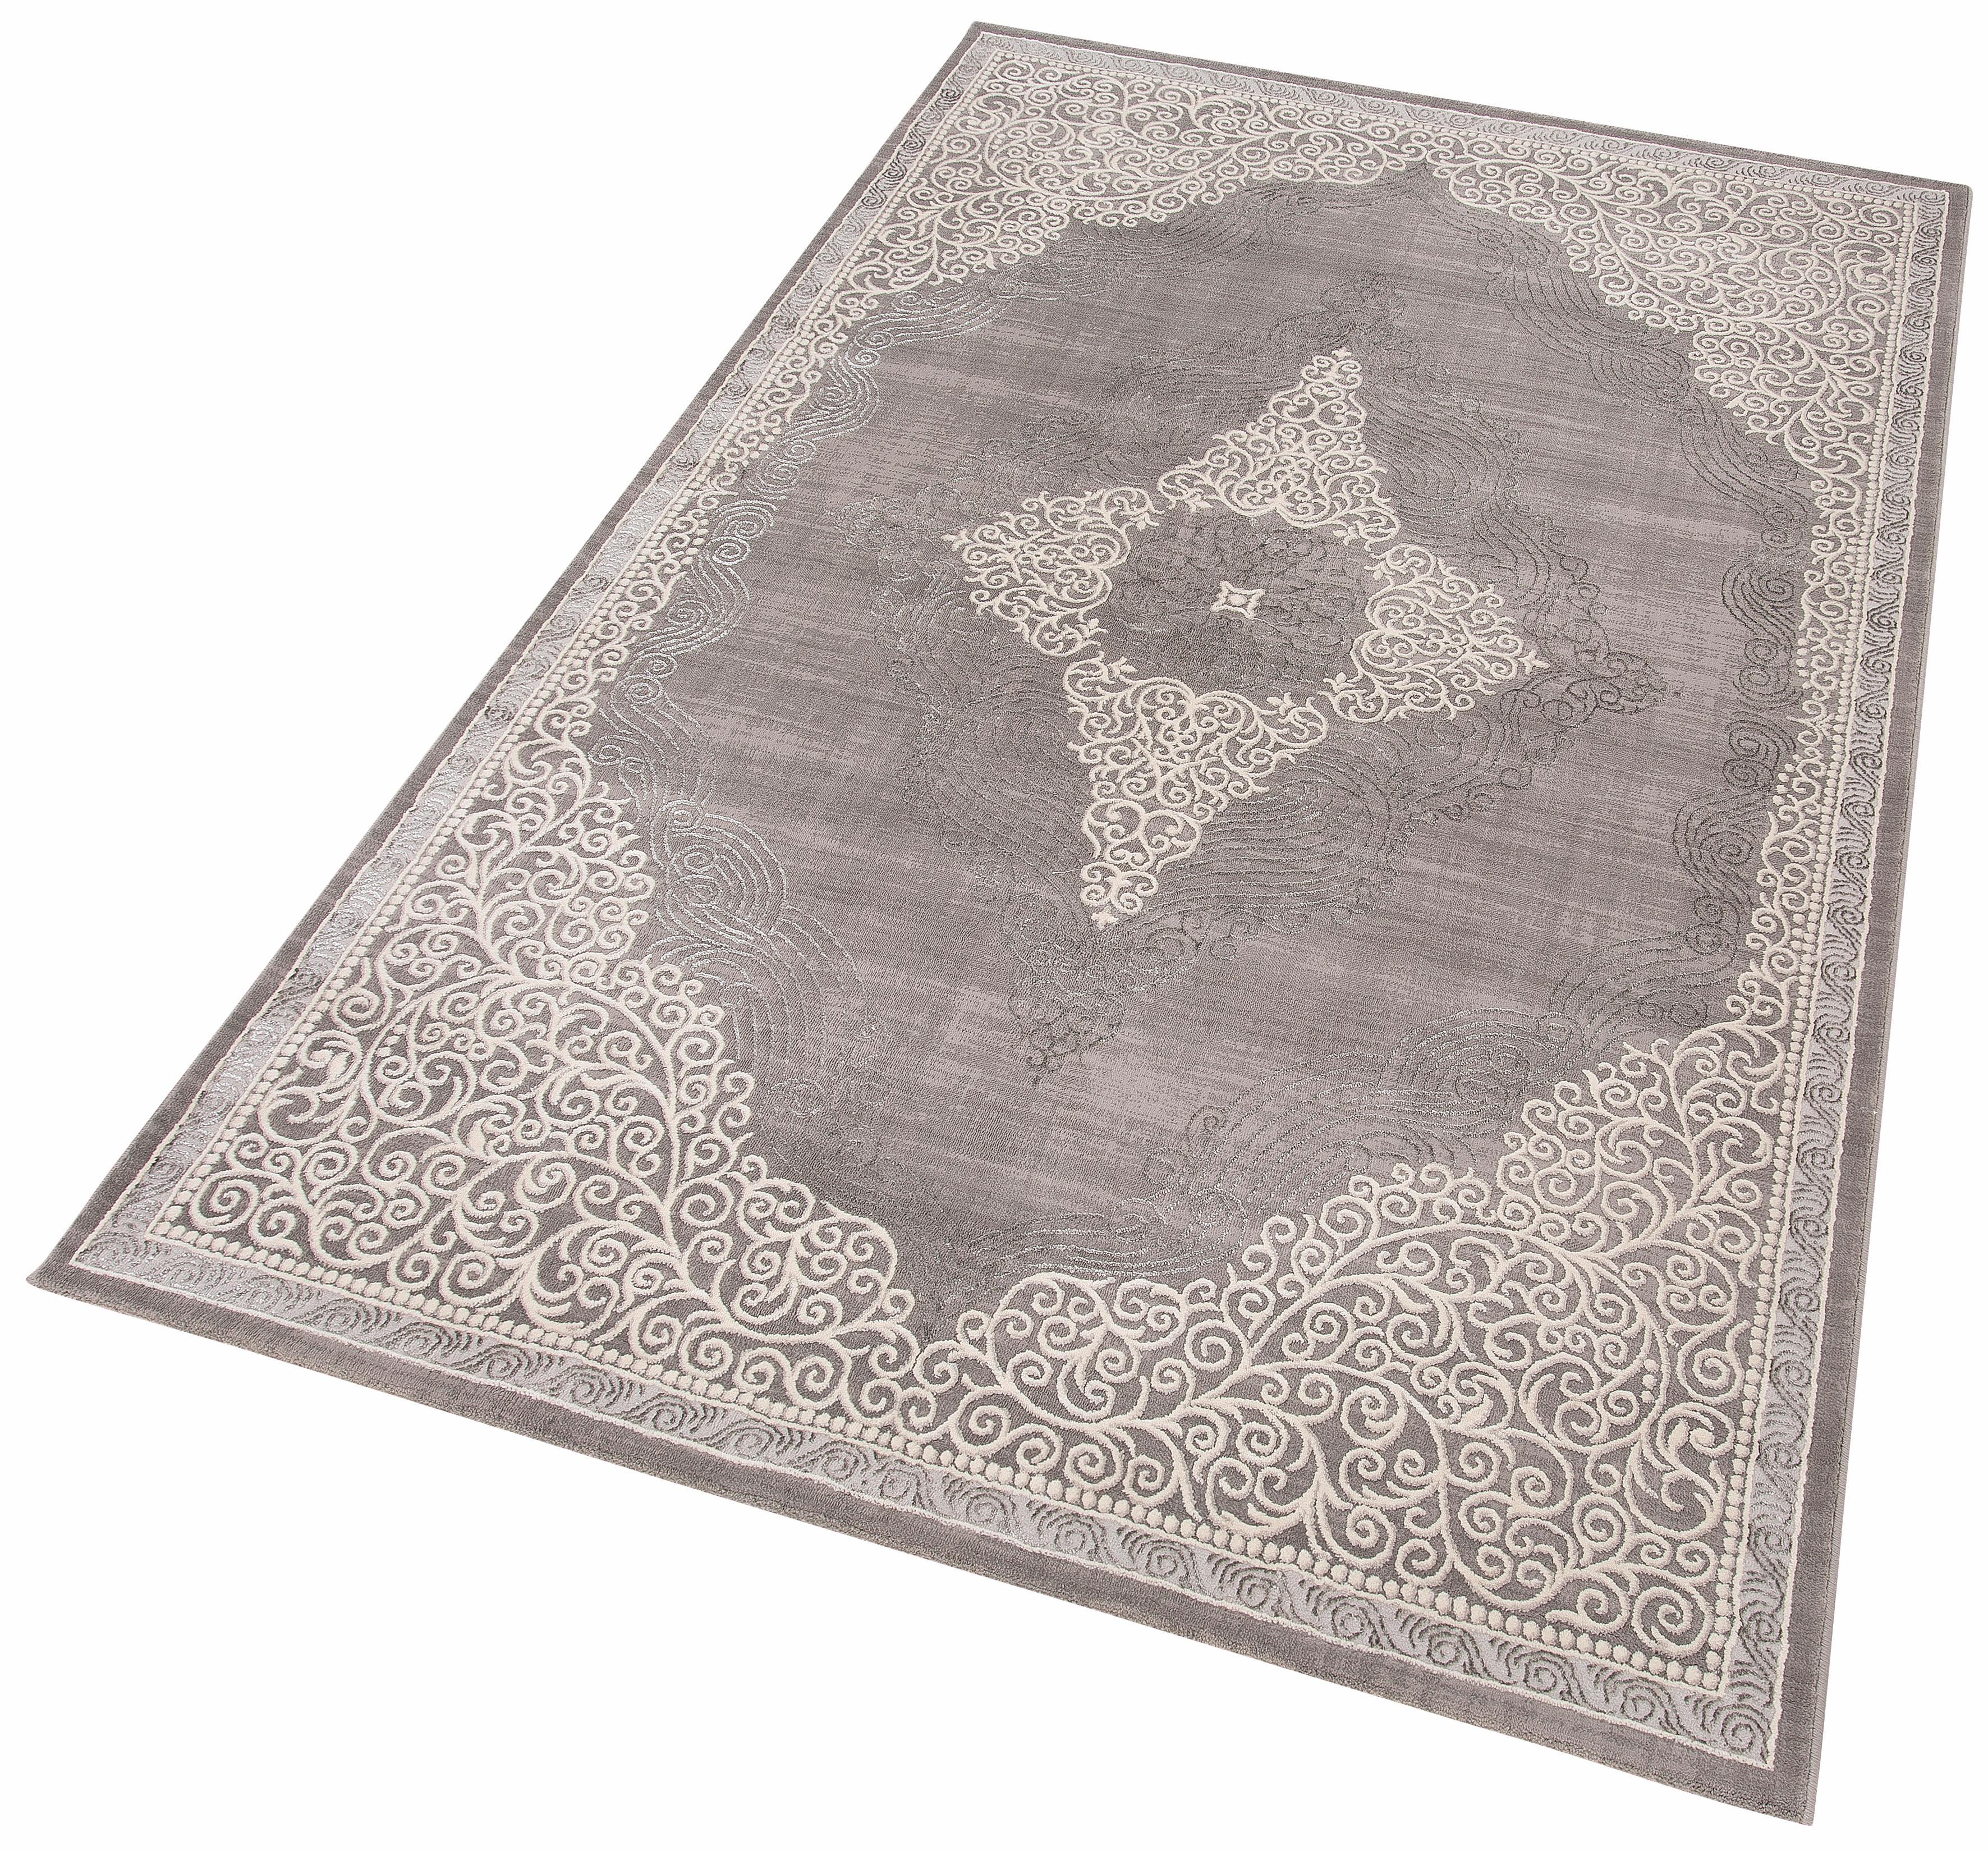 Teppich Elite 23045 merinos rechteckig Höhe 12 mm maschinell gewebt